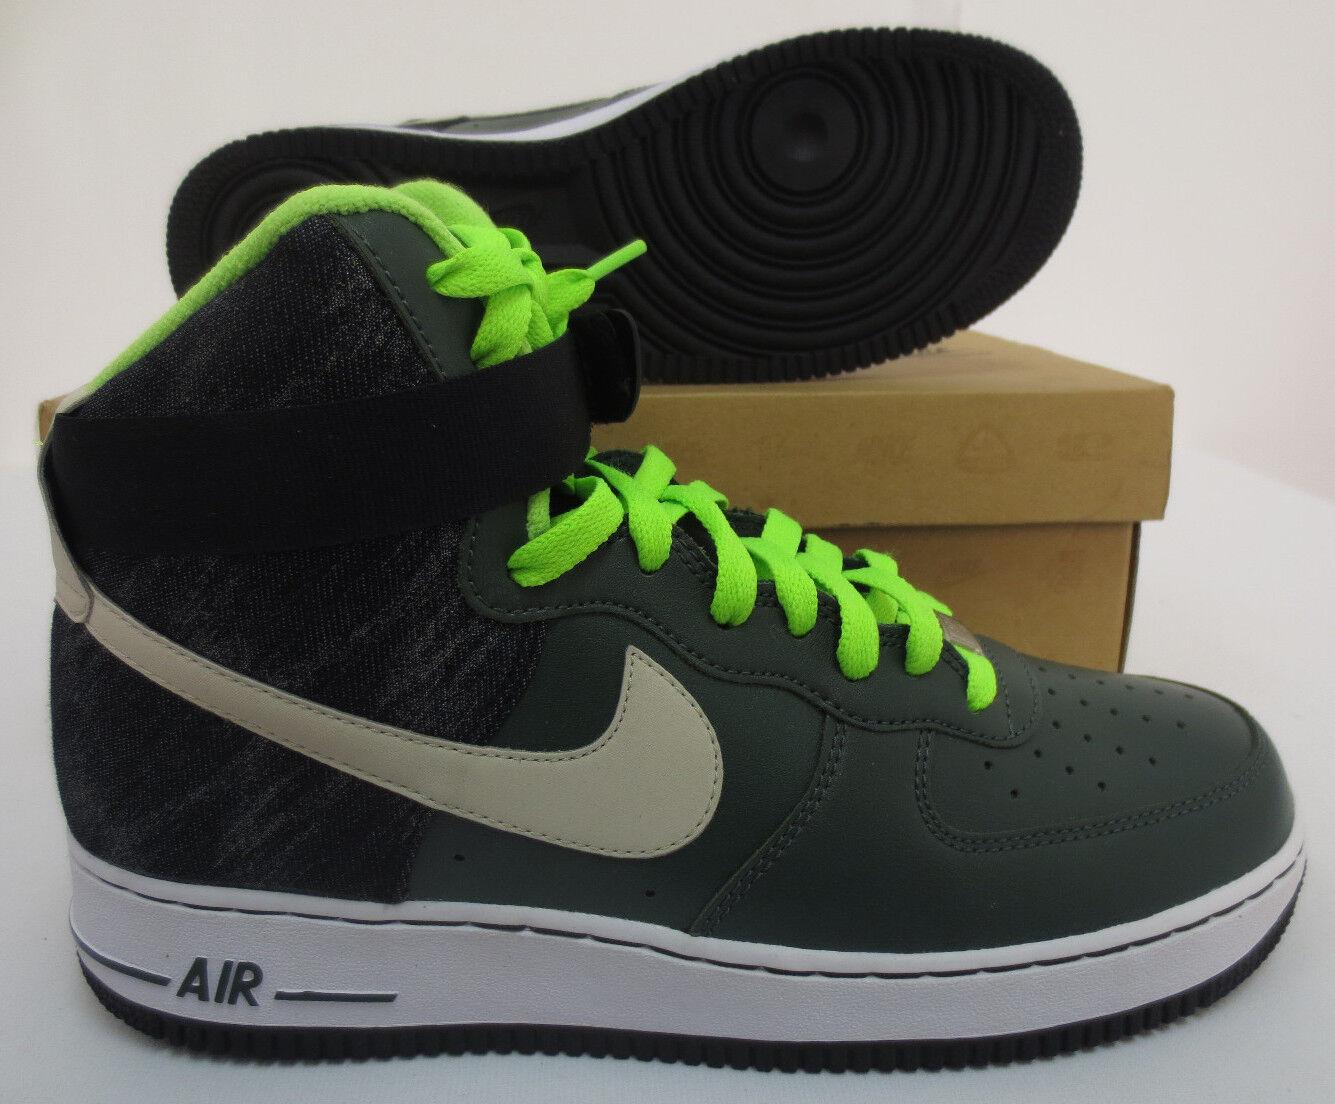 Nike air force 1 hohe 07 mens größe größe größe 10 schuhe 315121 302 sportliche sneaker von nike ec840f